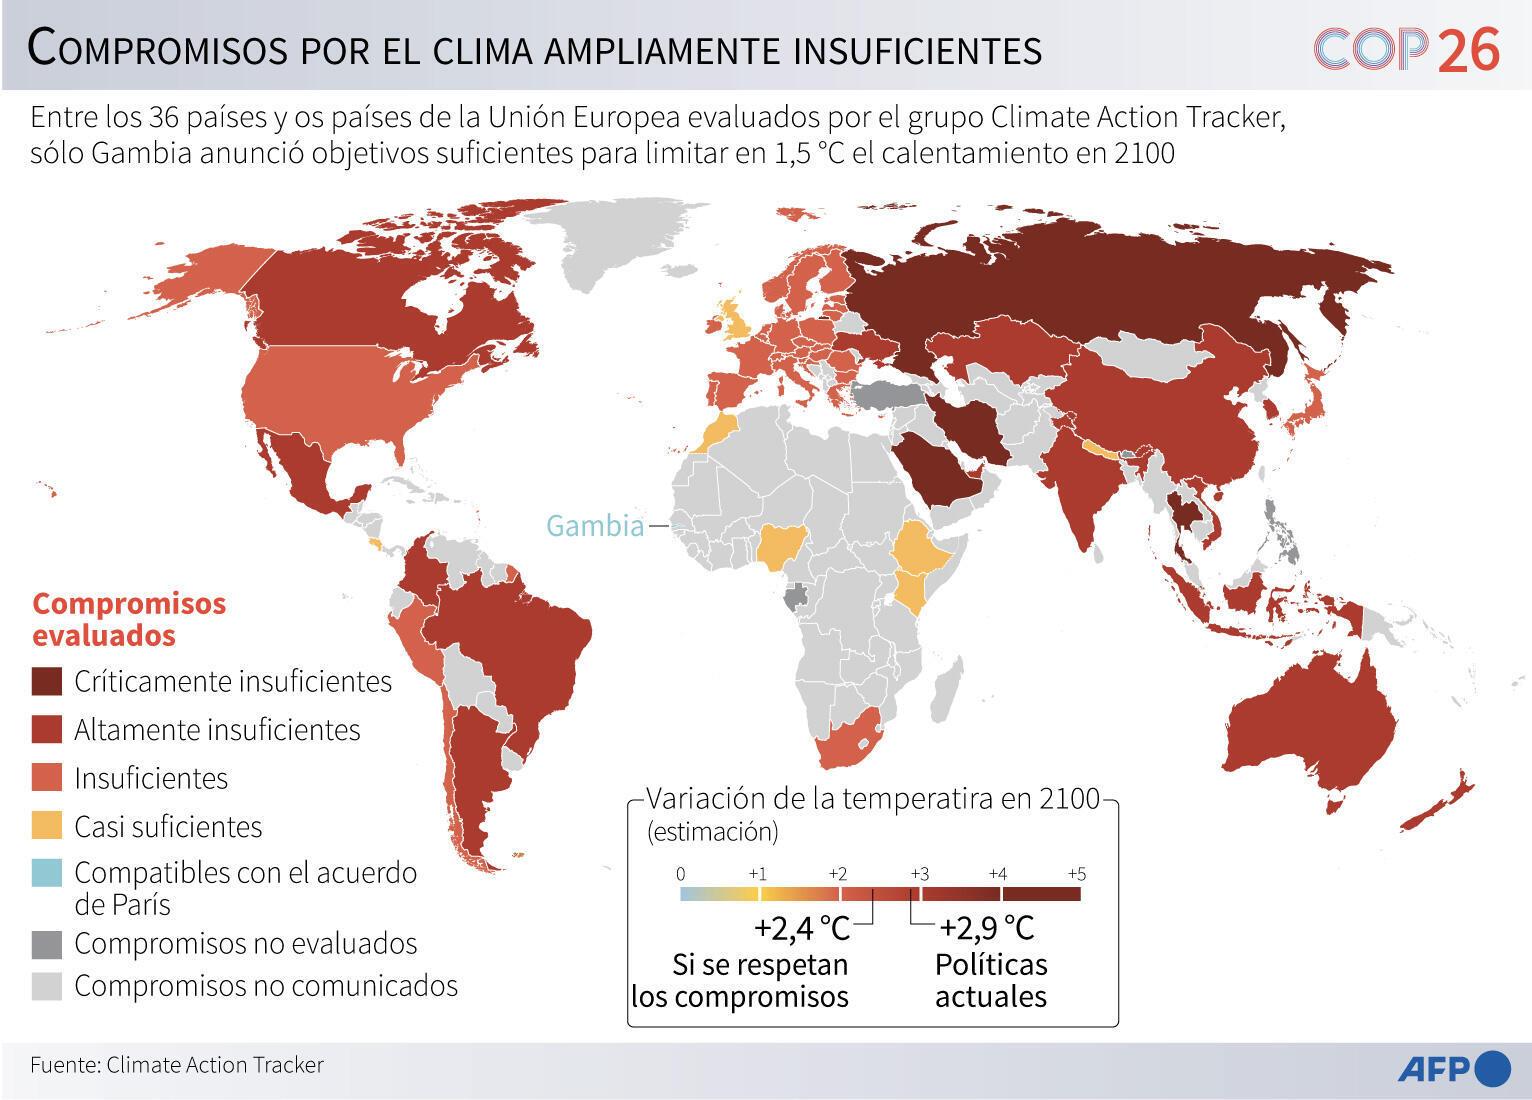 Evaluación de los compromisos de reducción de emisiones con efecto invernadero en 36 países y en los países miembros de la Unión Europea en la COP21 de París en 2015, según Climate Action Tracker